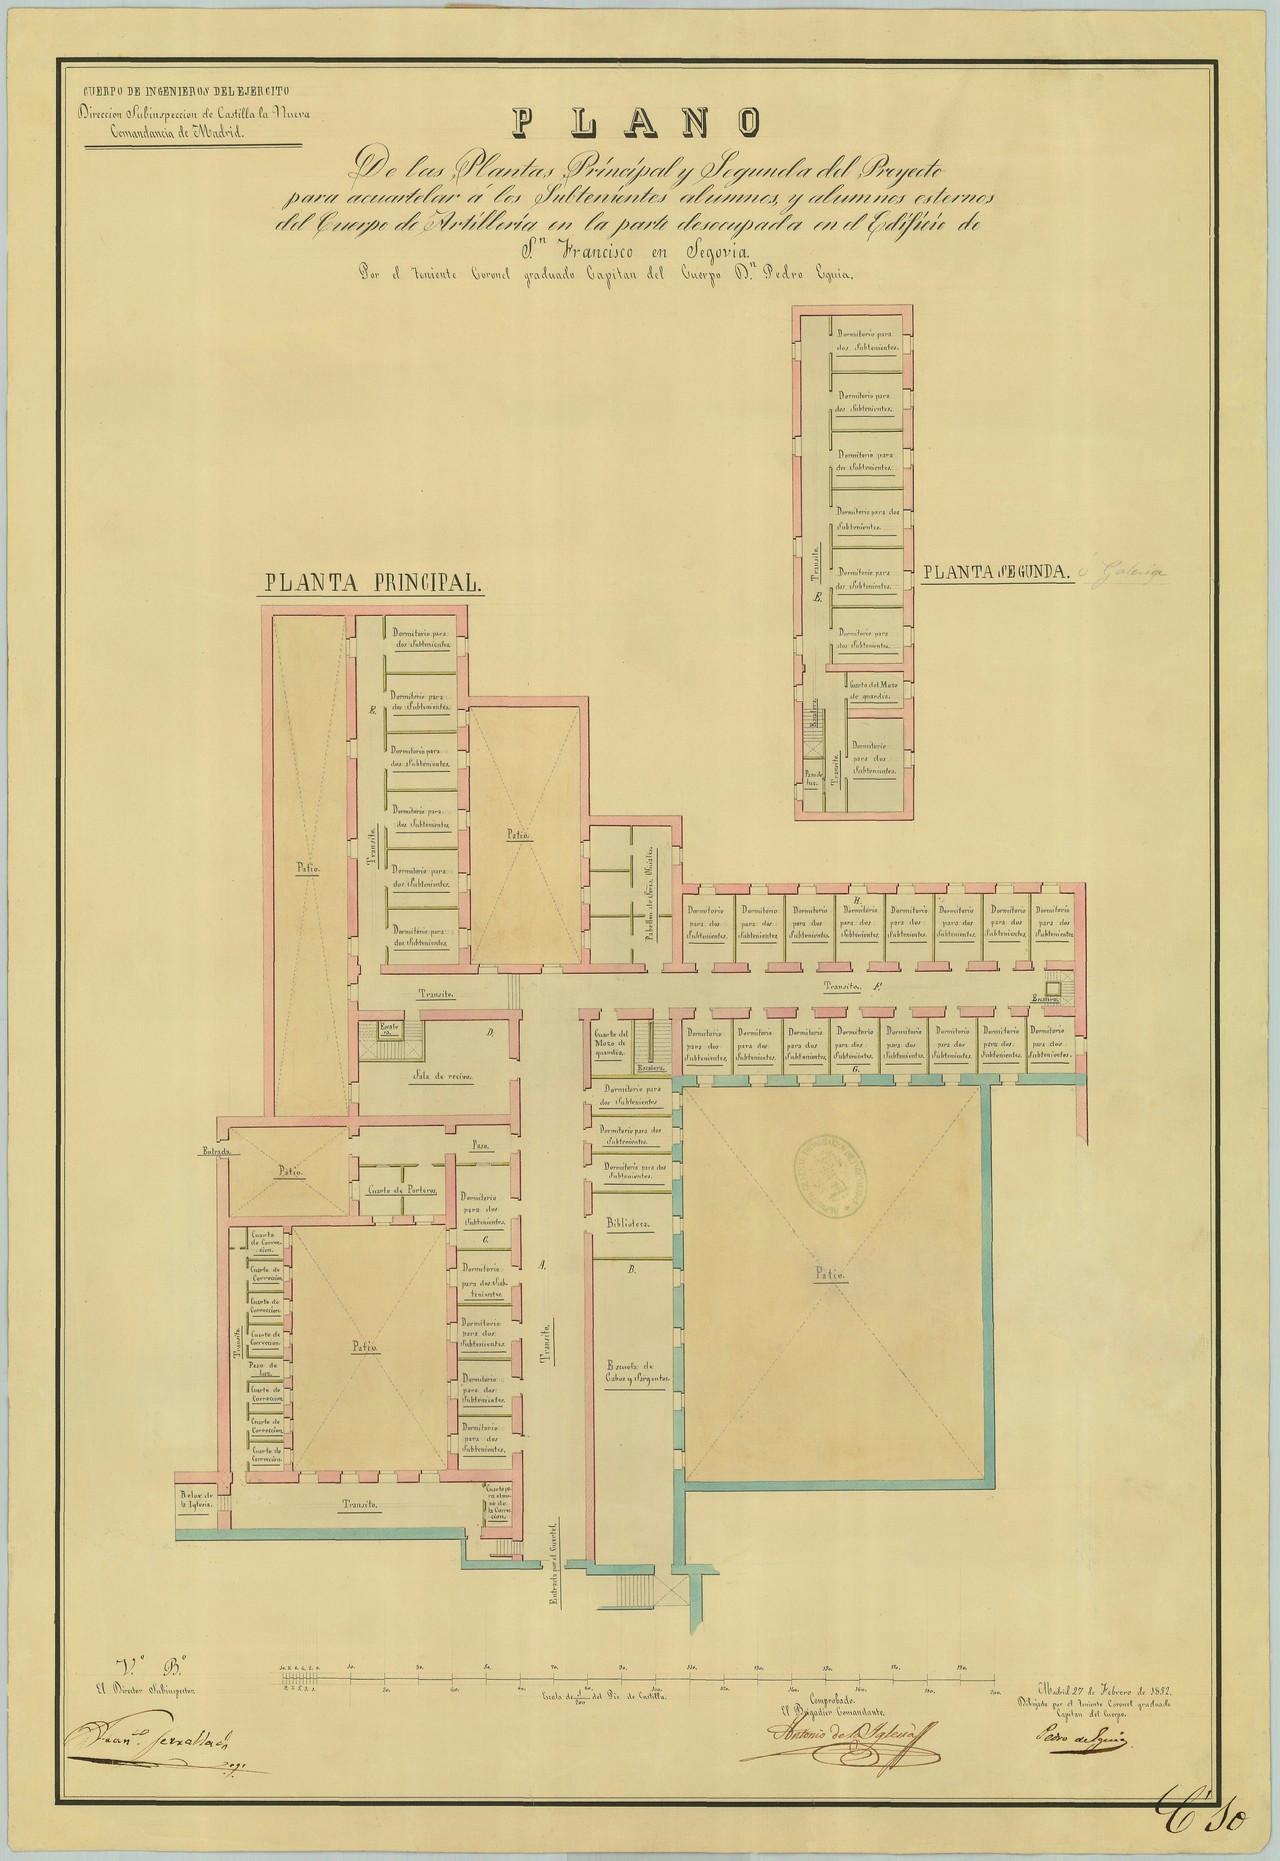 Proyecto del internado de subtenientes alumnos, plantas principal y segunda, 1852. El patio inferior a la izquierda es el de Ordenanzas, y el que está por encima de él hoy forma parte de la calle Almira. 9.- ARCHIVO GENERAL MILITAR DE MADRID. Signatura SG 01-15.